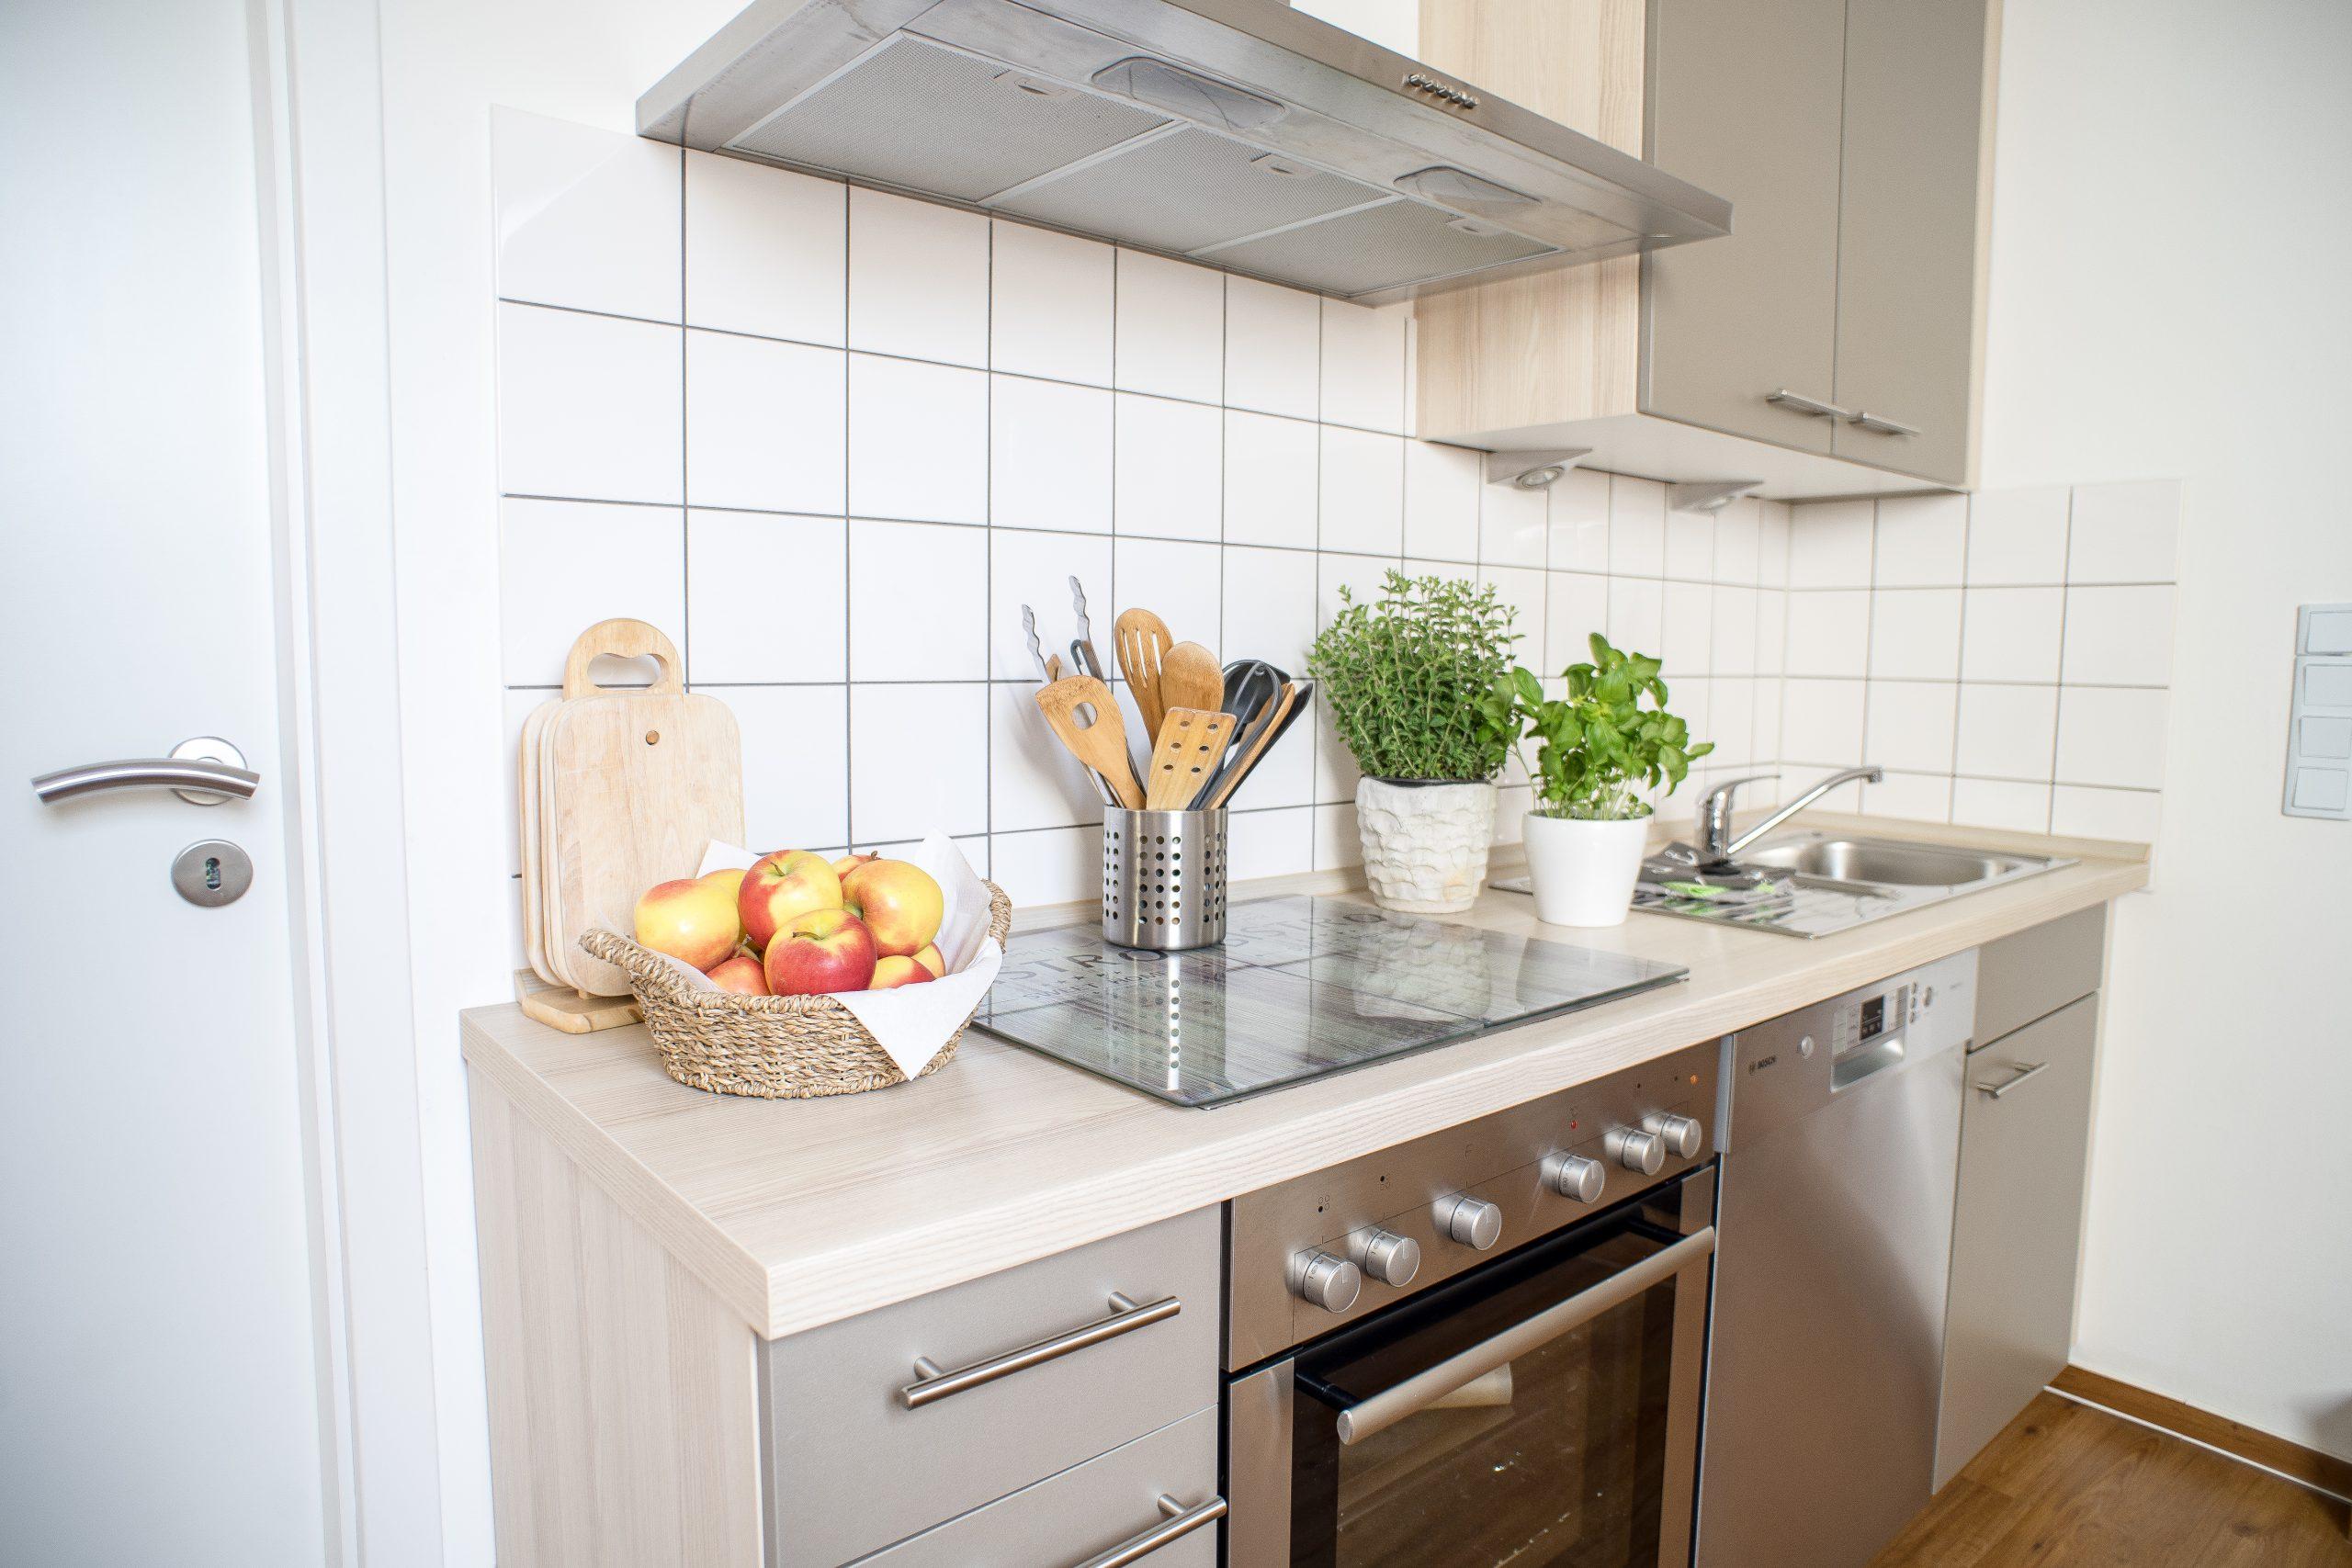 Offene Küchenzeile  mit Geschirrspüler